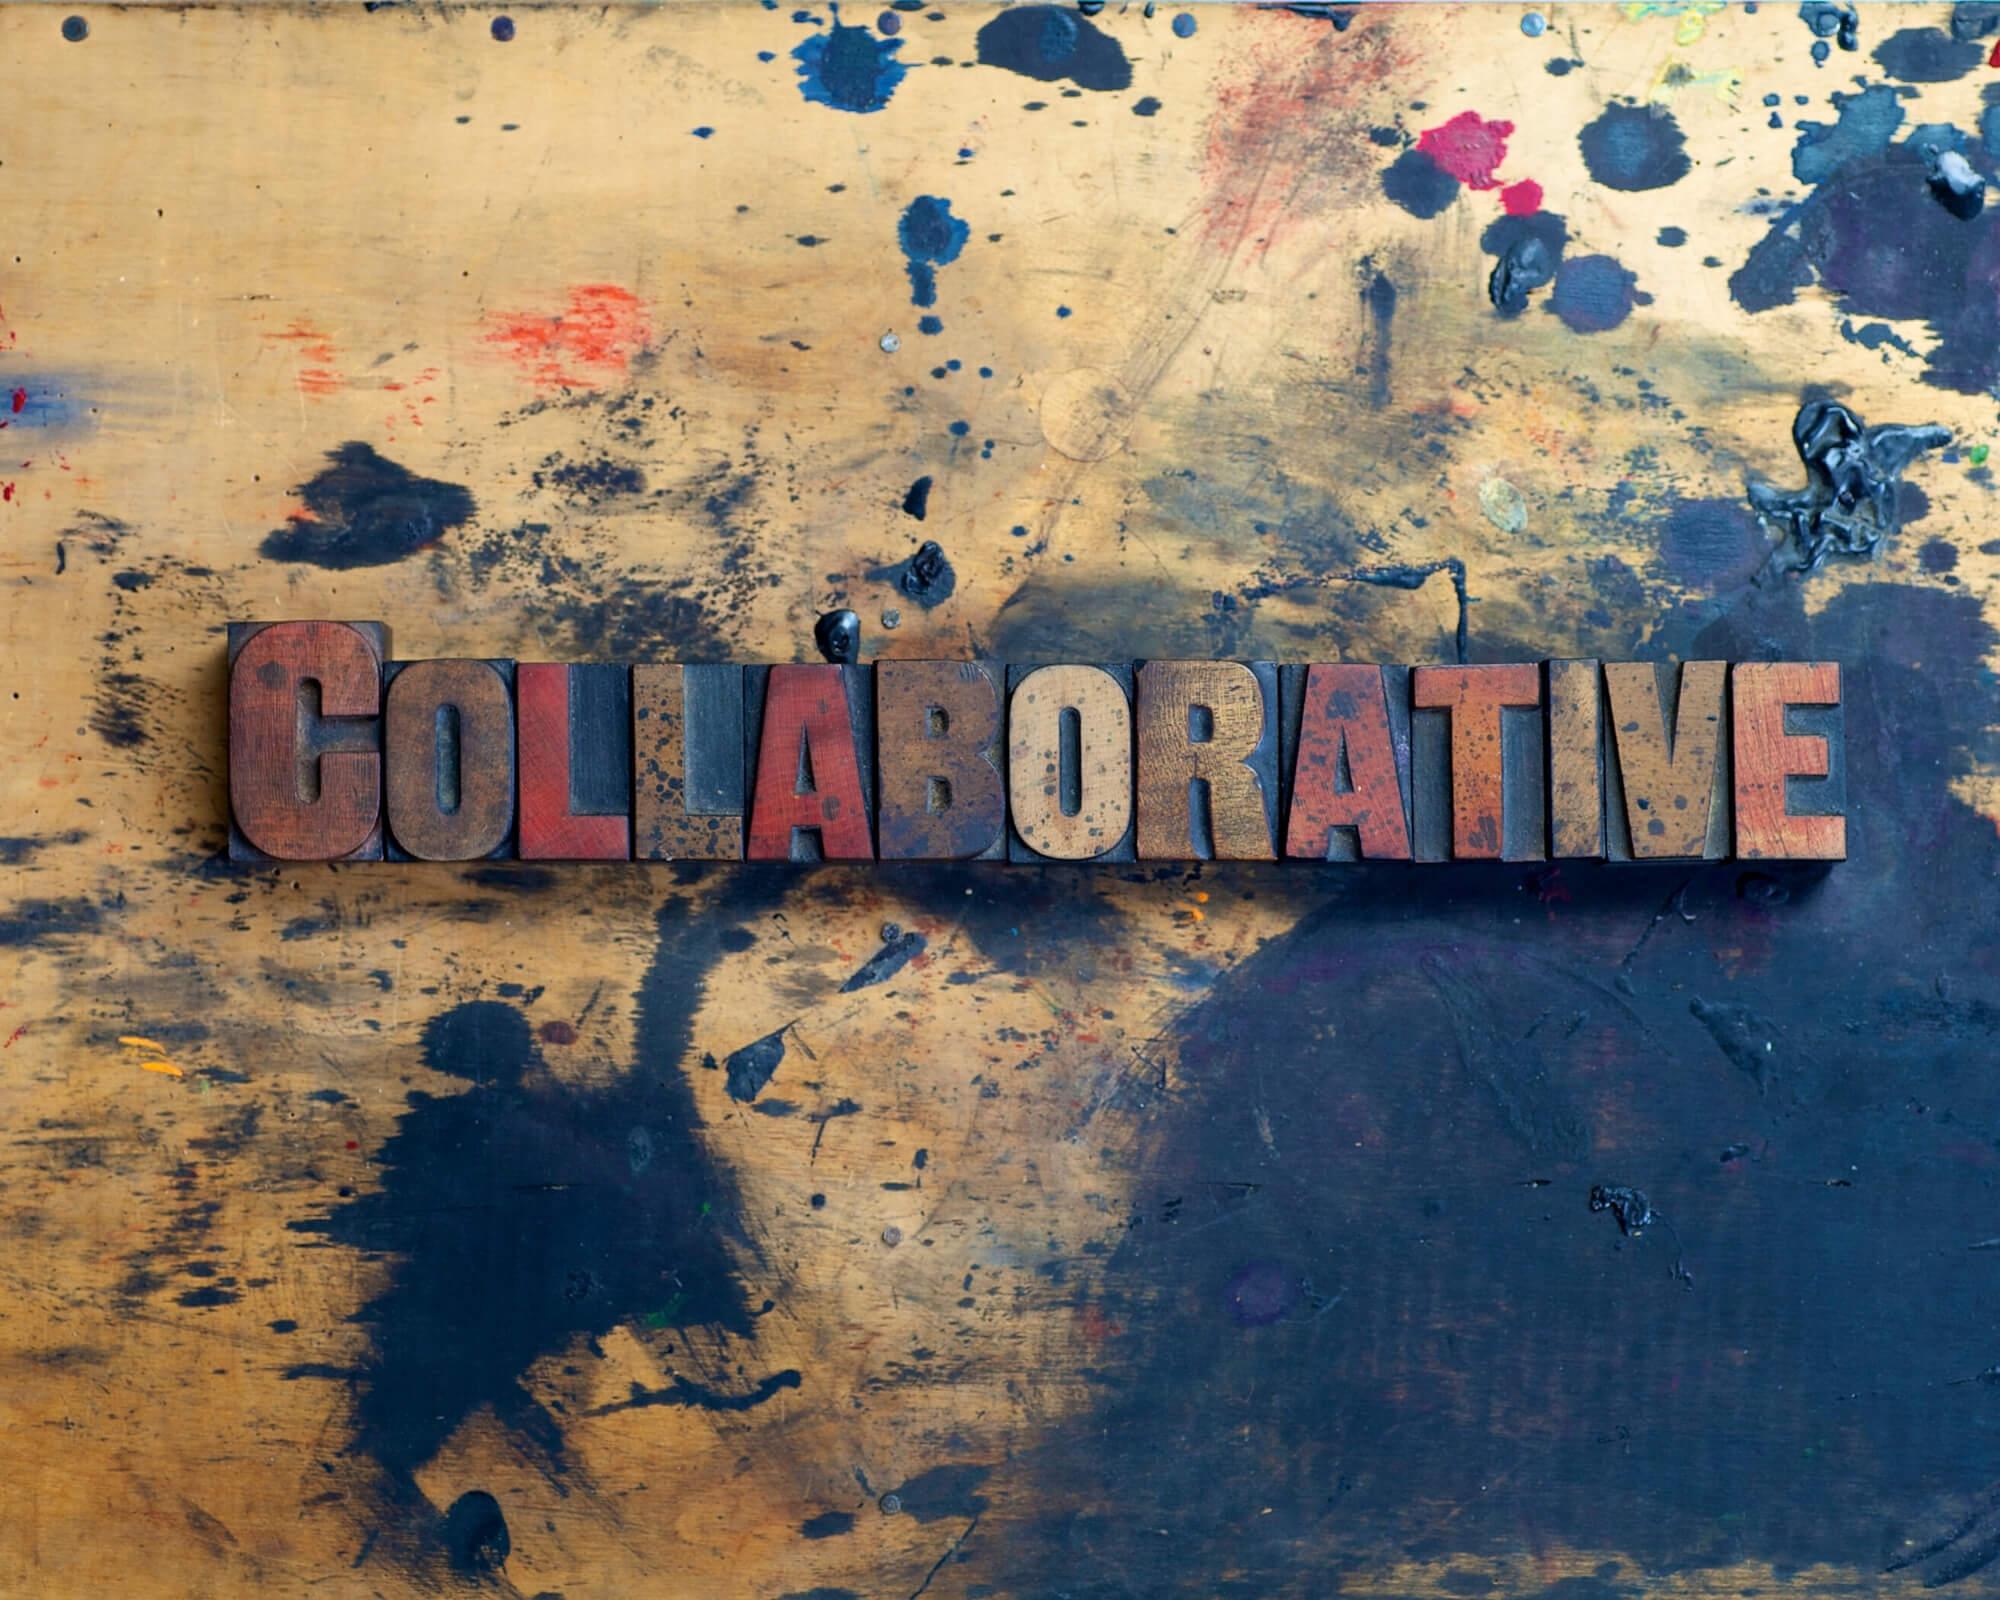 la economía colaborativa forma parte de la estrategia D2C